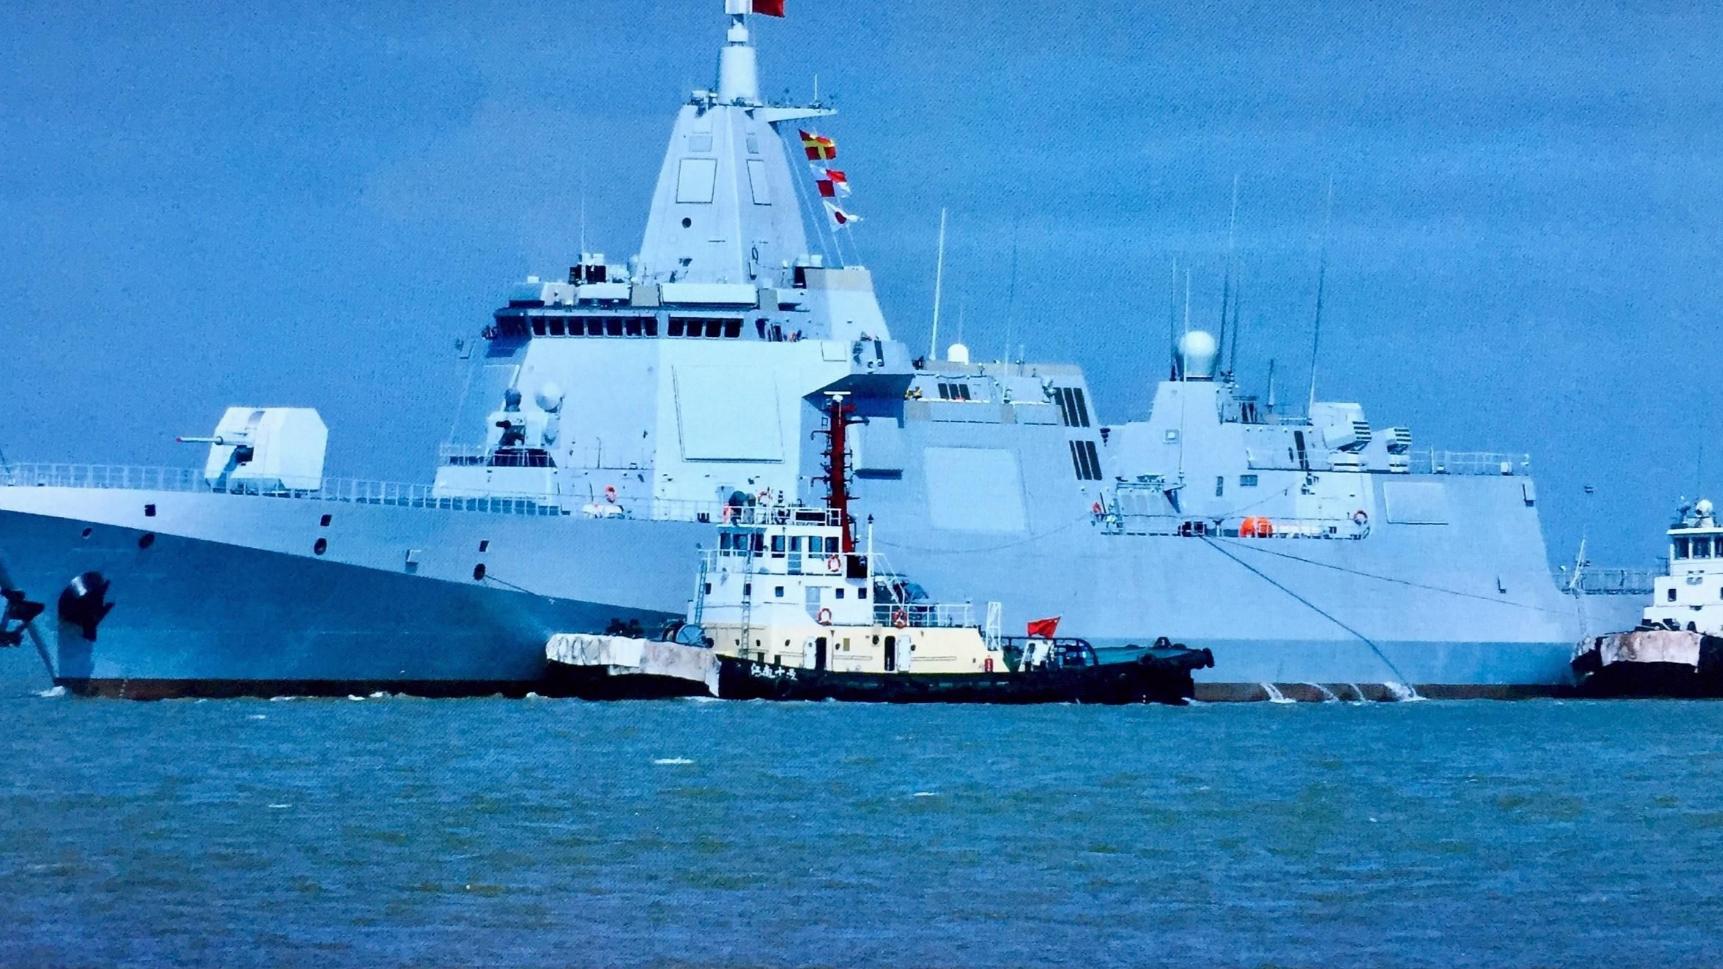 集大成者,055为何是中国海军走向远洋标准?500公里外就可重创对手